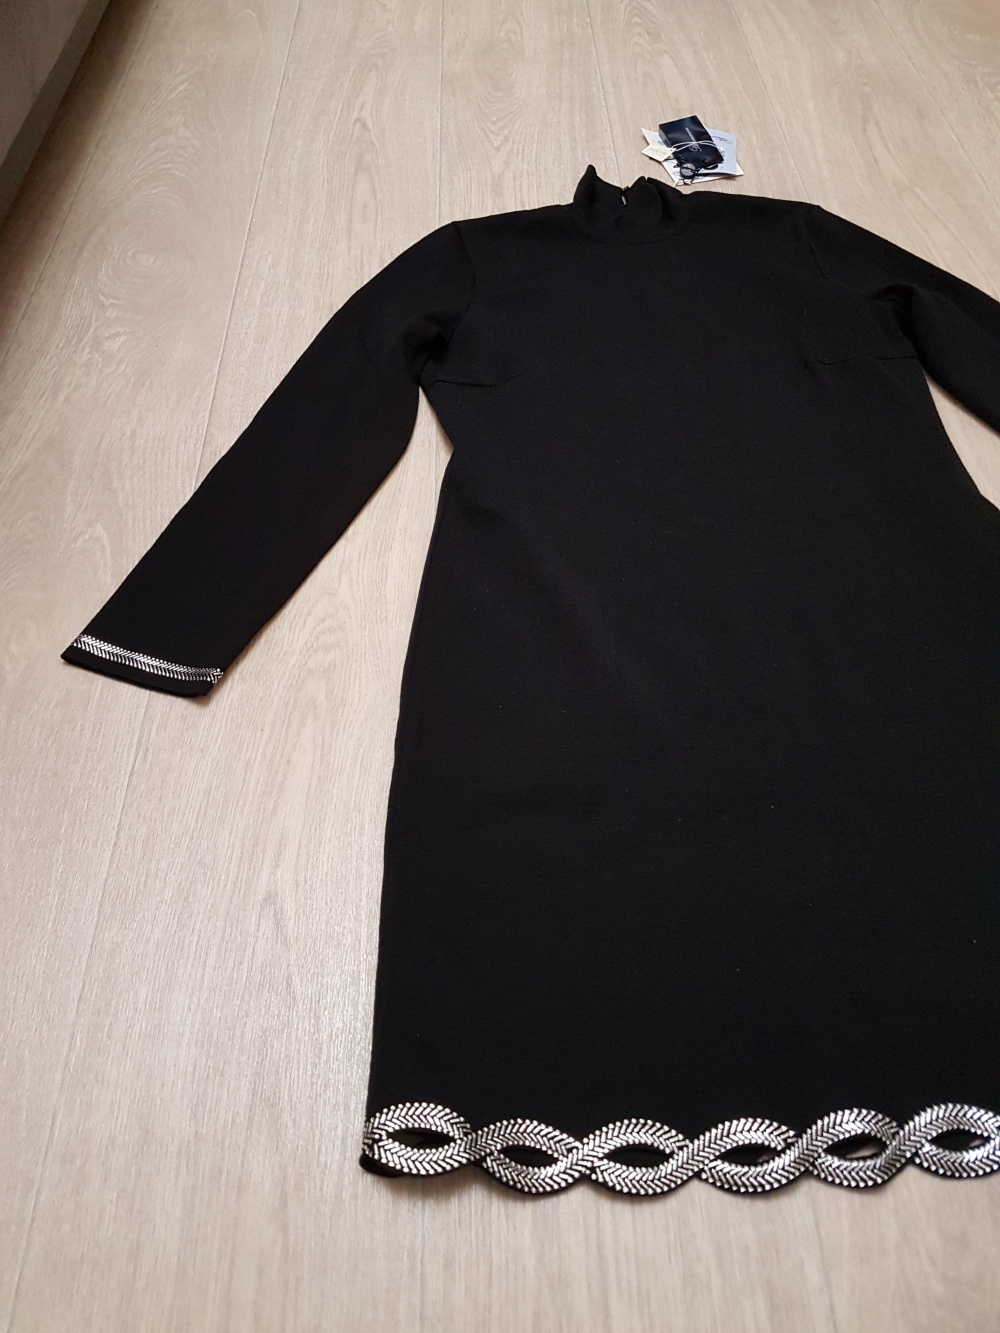 Шерстяное платье Blumarine с кристаллами Сваровски, размер 44 it (46-48)